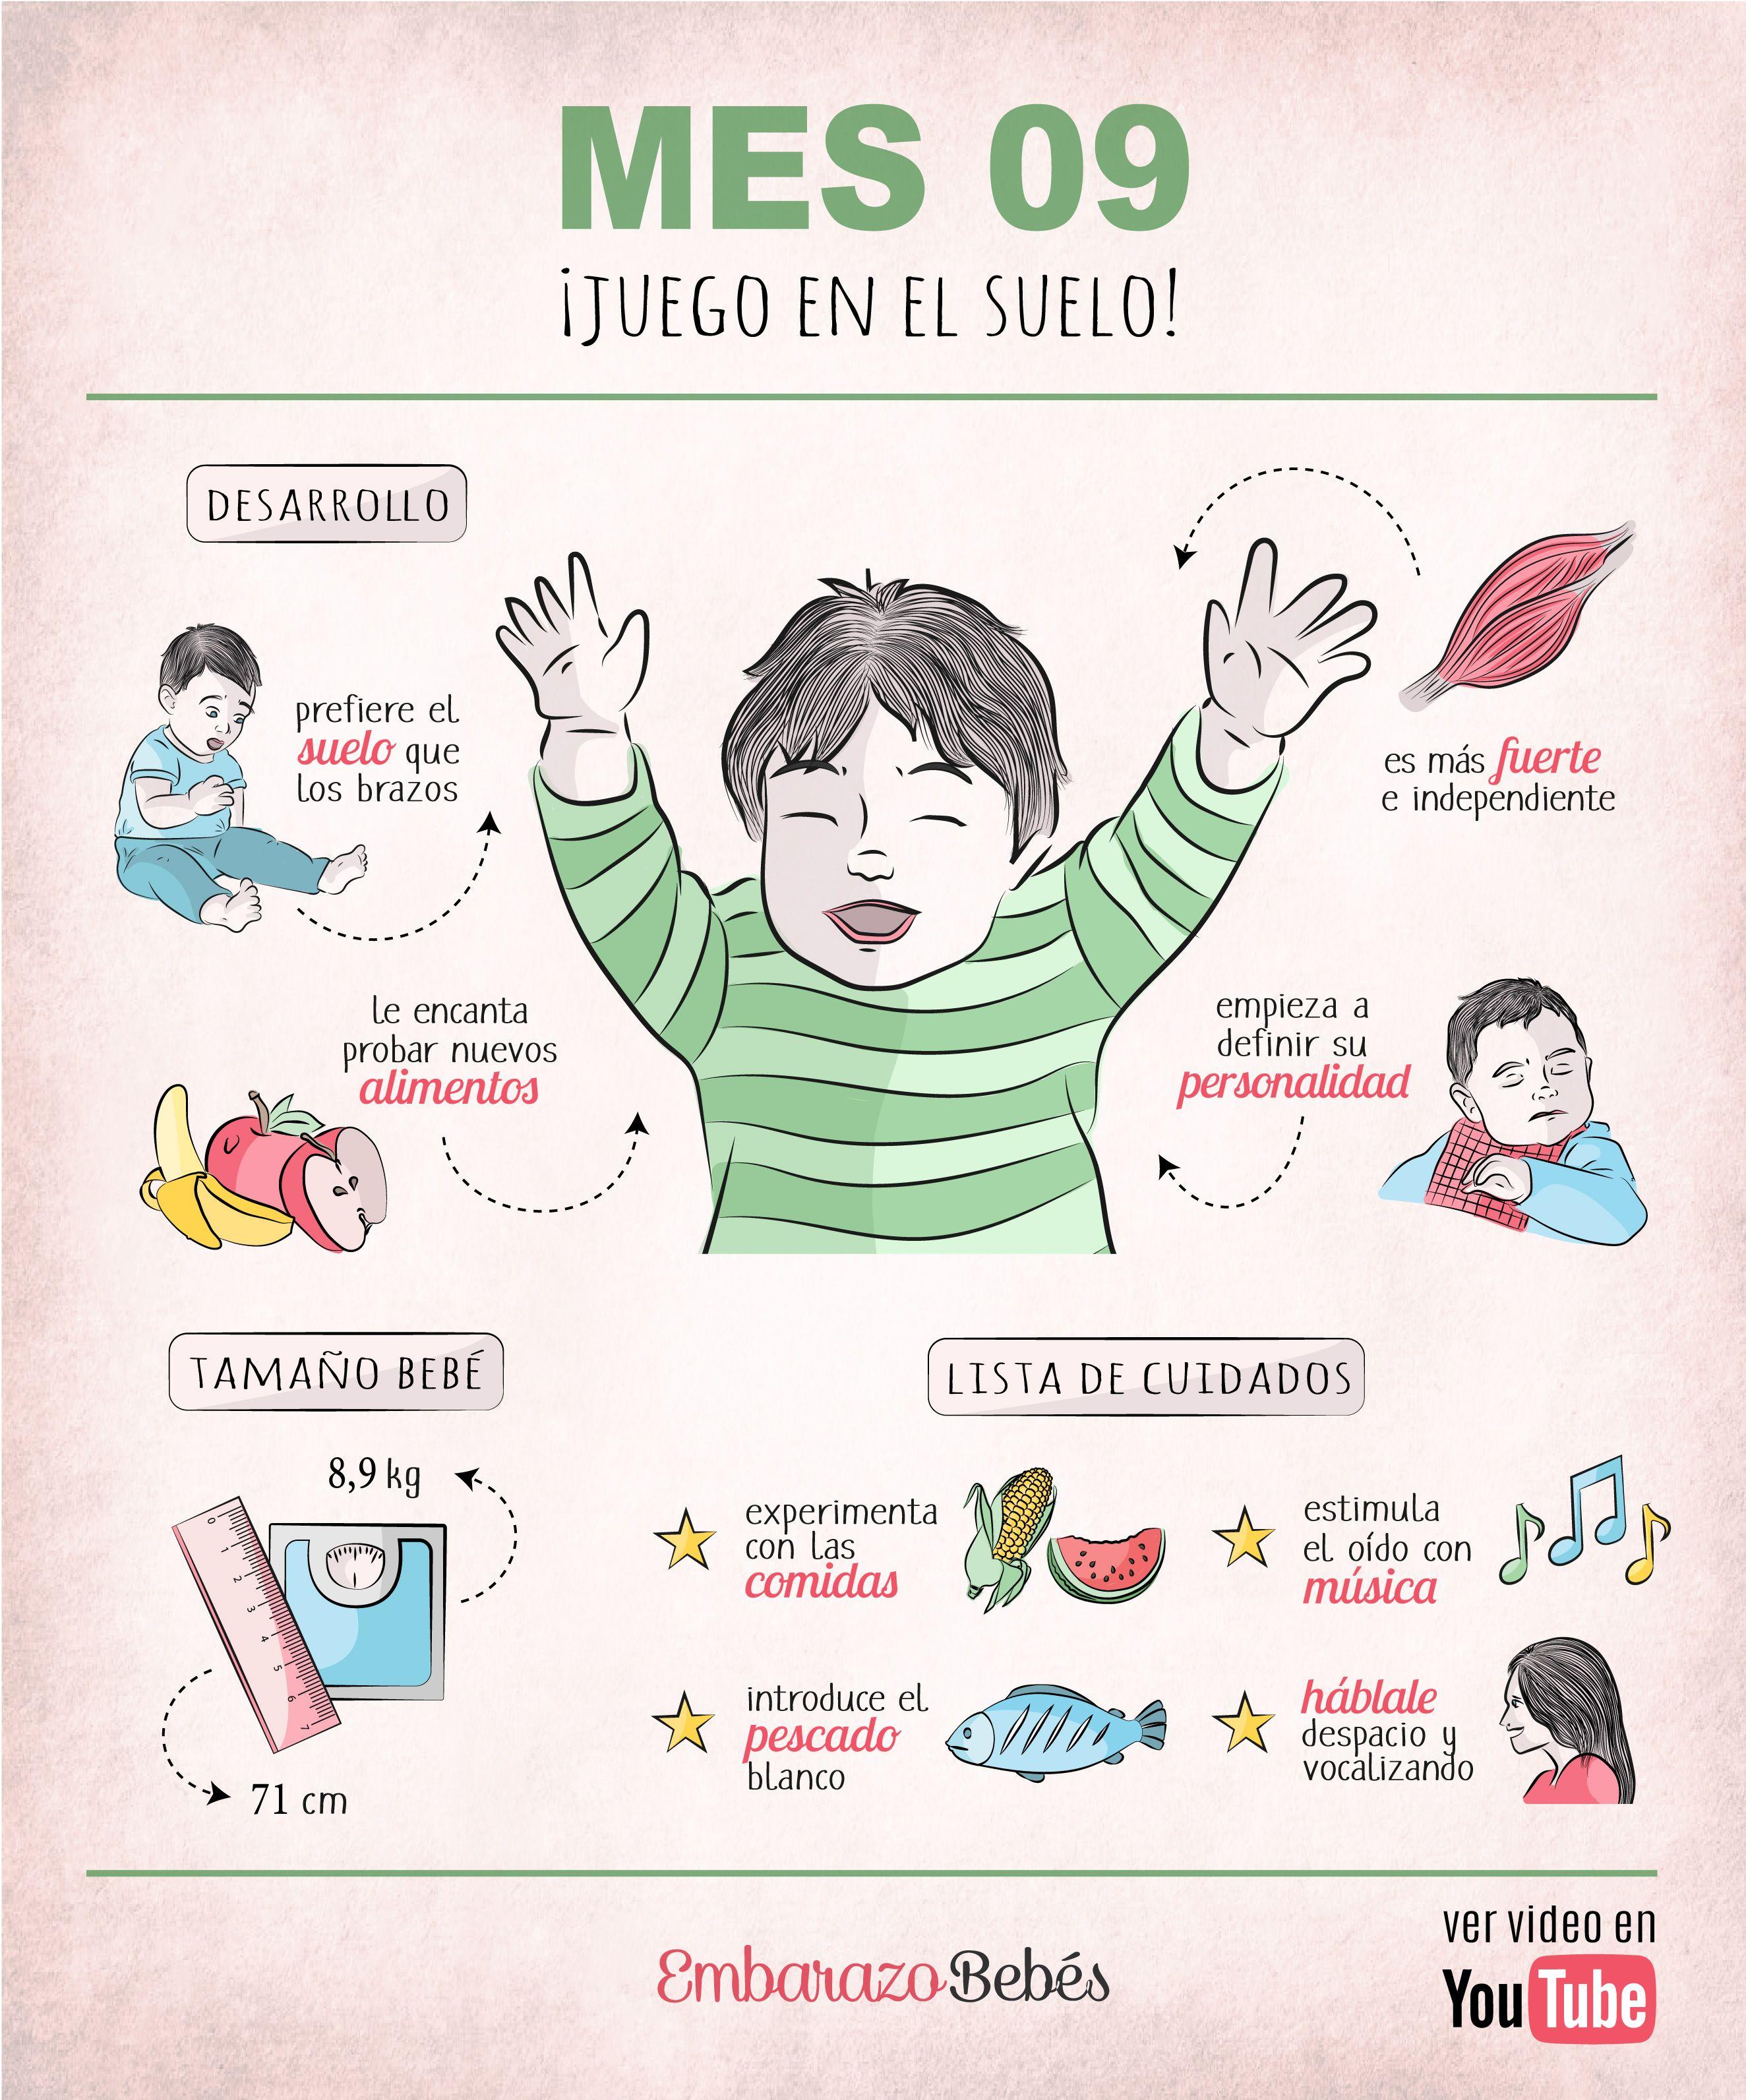 Bebé De 9 Meses De Vida Desarrollo Y Cuidados Bebe De 9 Meses Bebe Desarrollo Del Bebe